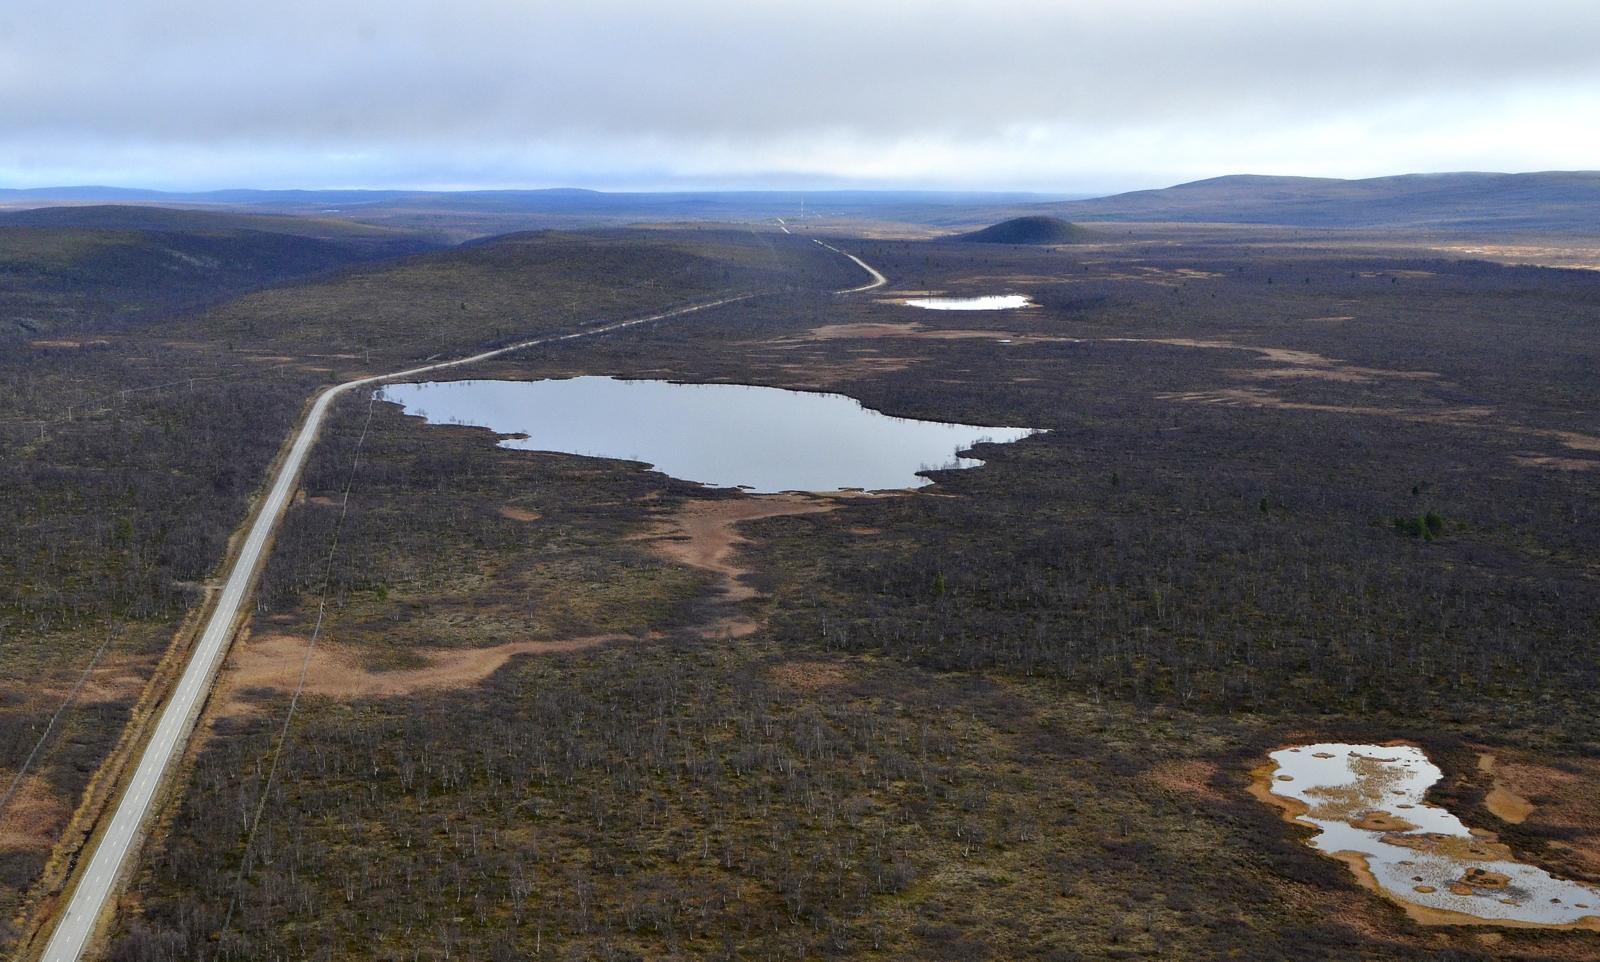 Basadajärvi samaisen tien varrella, vasemmalla kanjoni. Oikealla näkyy Muotkatunturin erämaan tuntureiden huippuja,